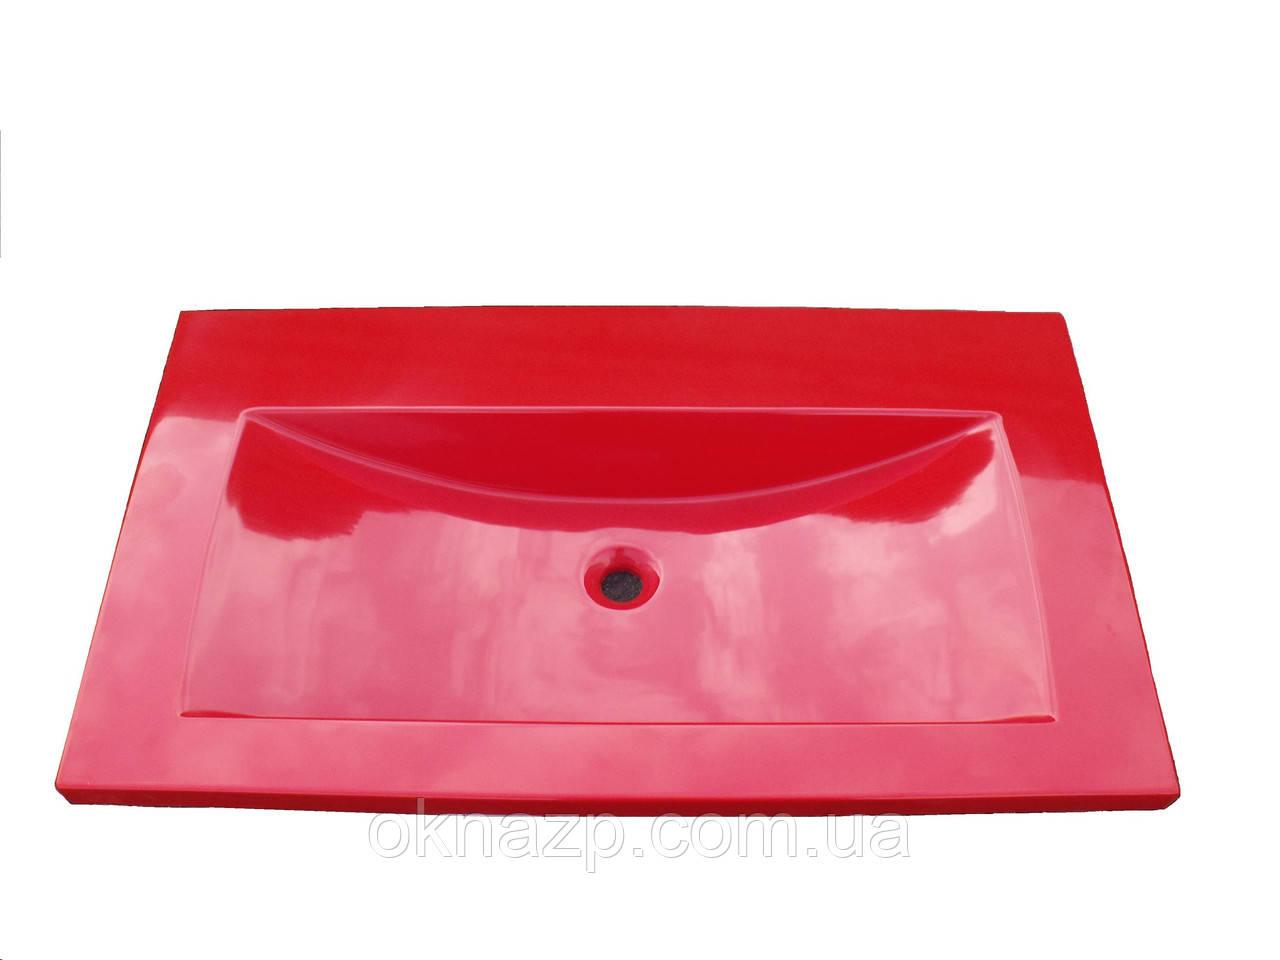 Умивальник з каменю червоний (литий умивальник +3510грн./шт. додатково)